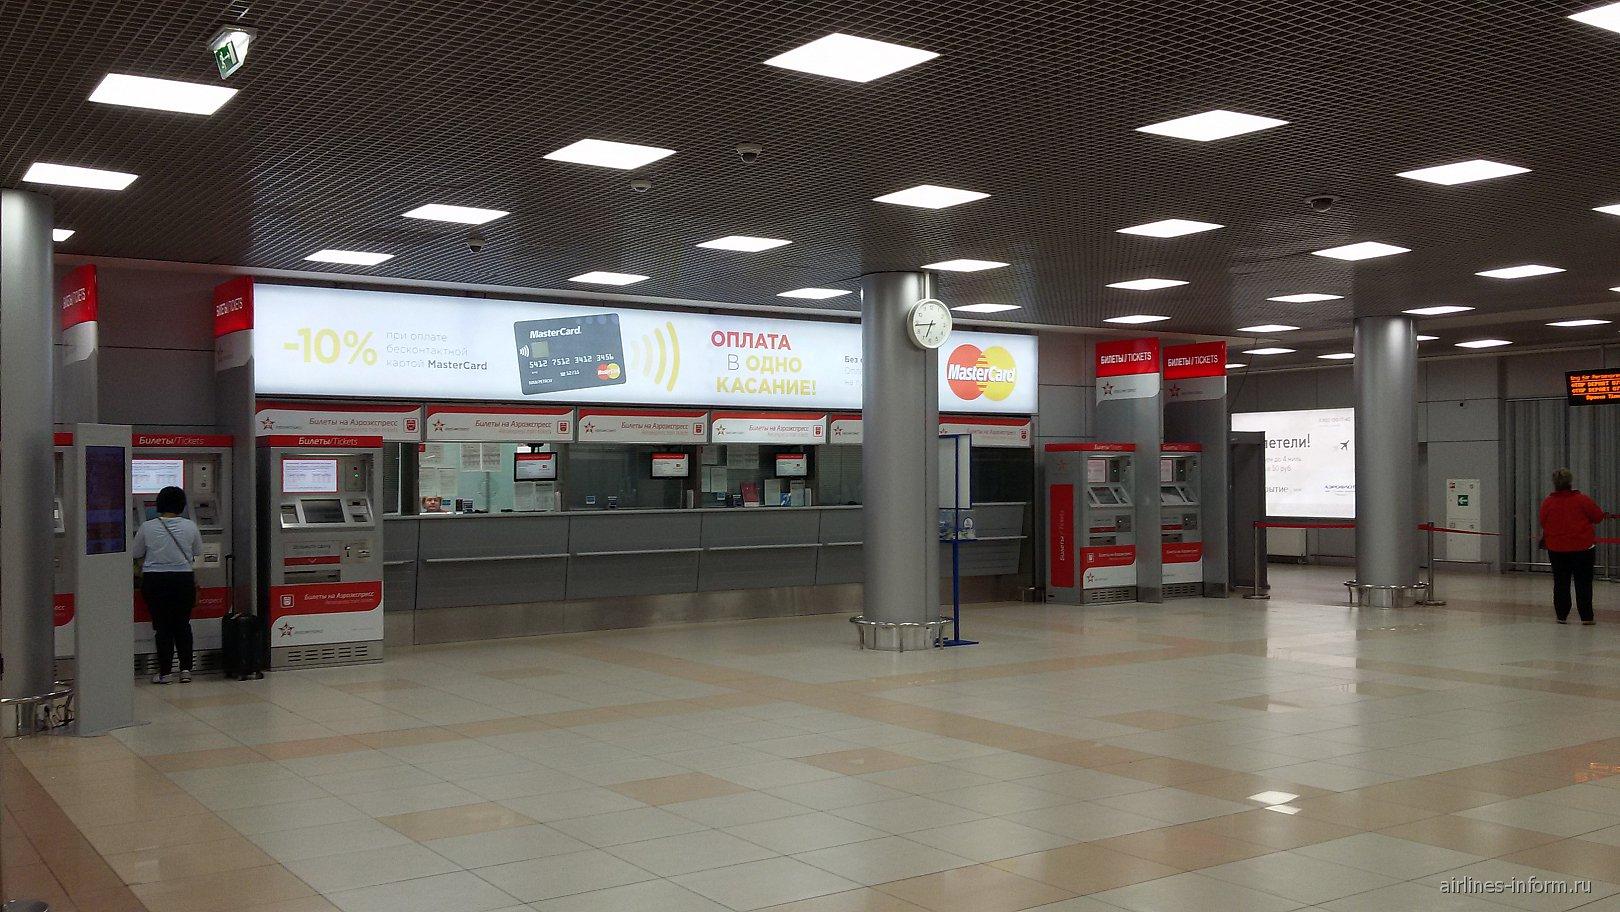 Билетные кассы Аэроэкспресса в аэропорту Москва Шереметьево